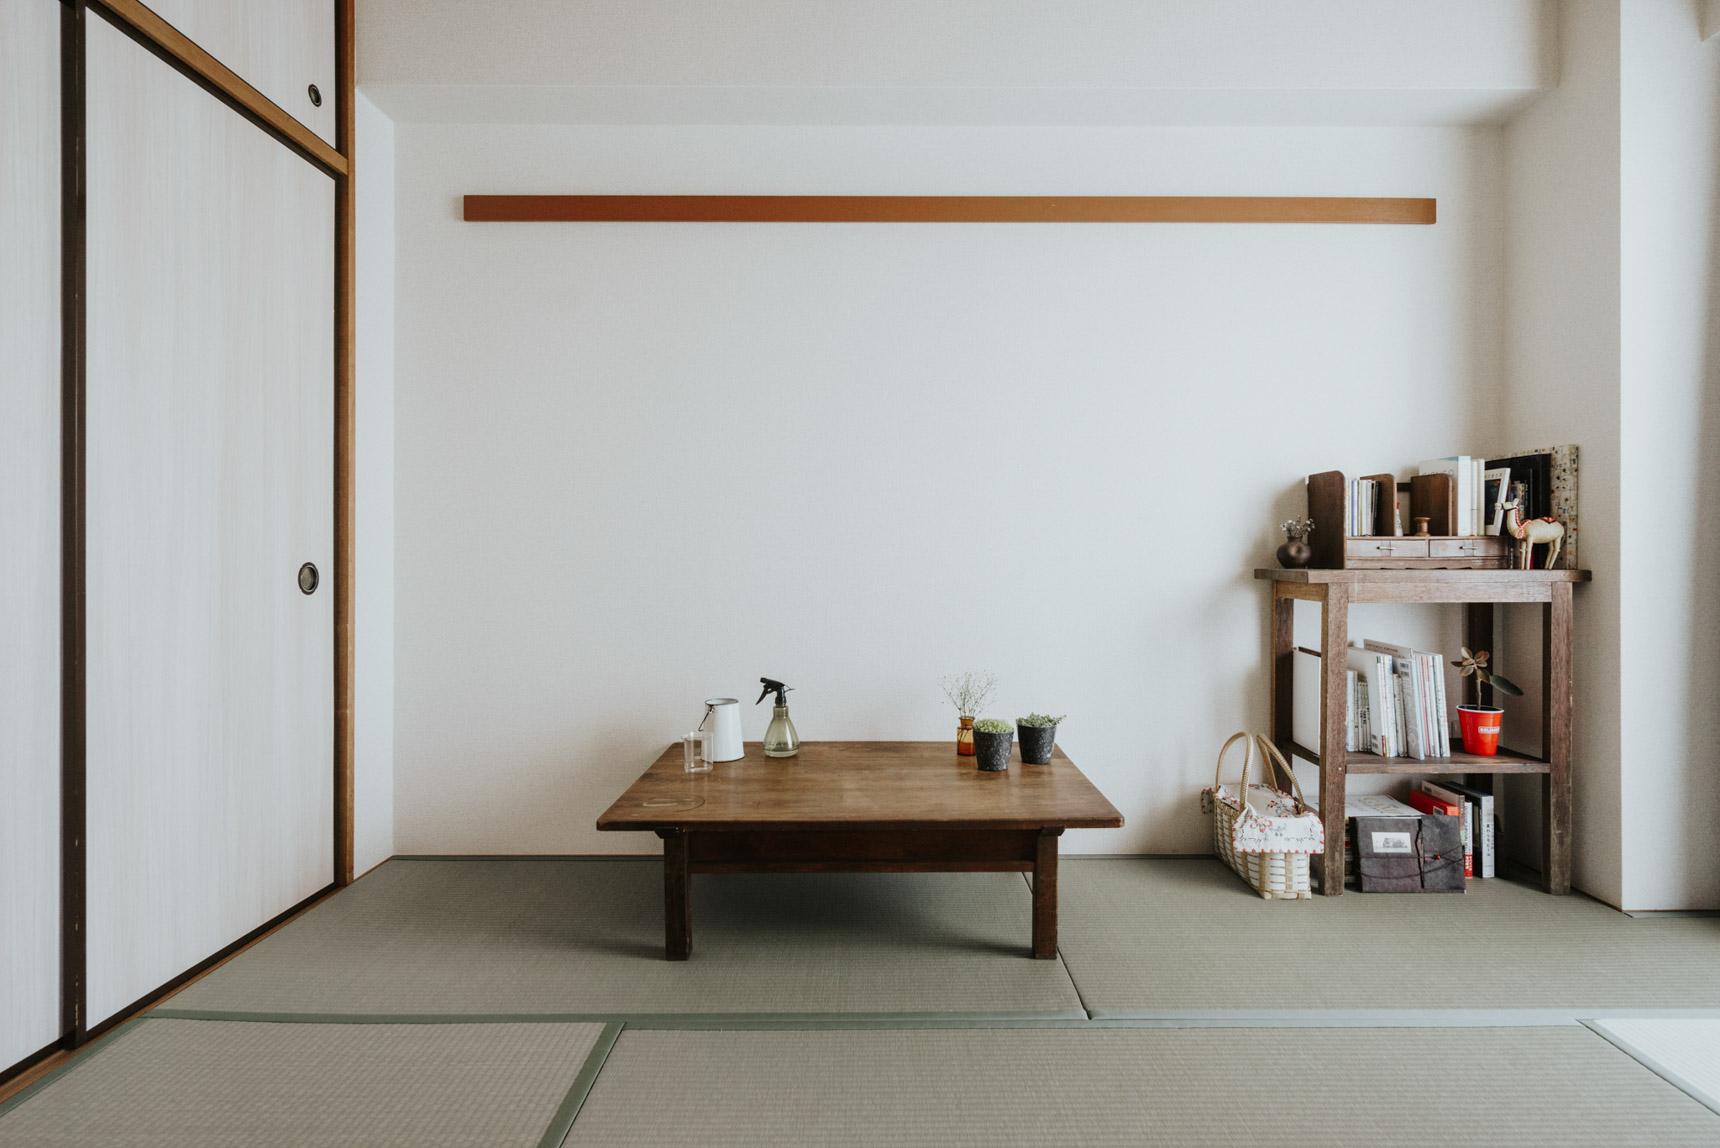 リビングの横には和室。広々の間取りを活かして、一番陽当たりの良いリビング、和室の2部屋は、最小限のもの、飾りたいものだけを厳選してゆったりと暮らしていらっしゃいます。